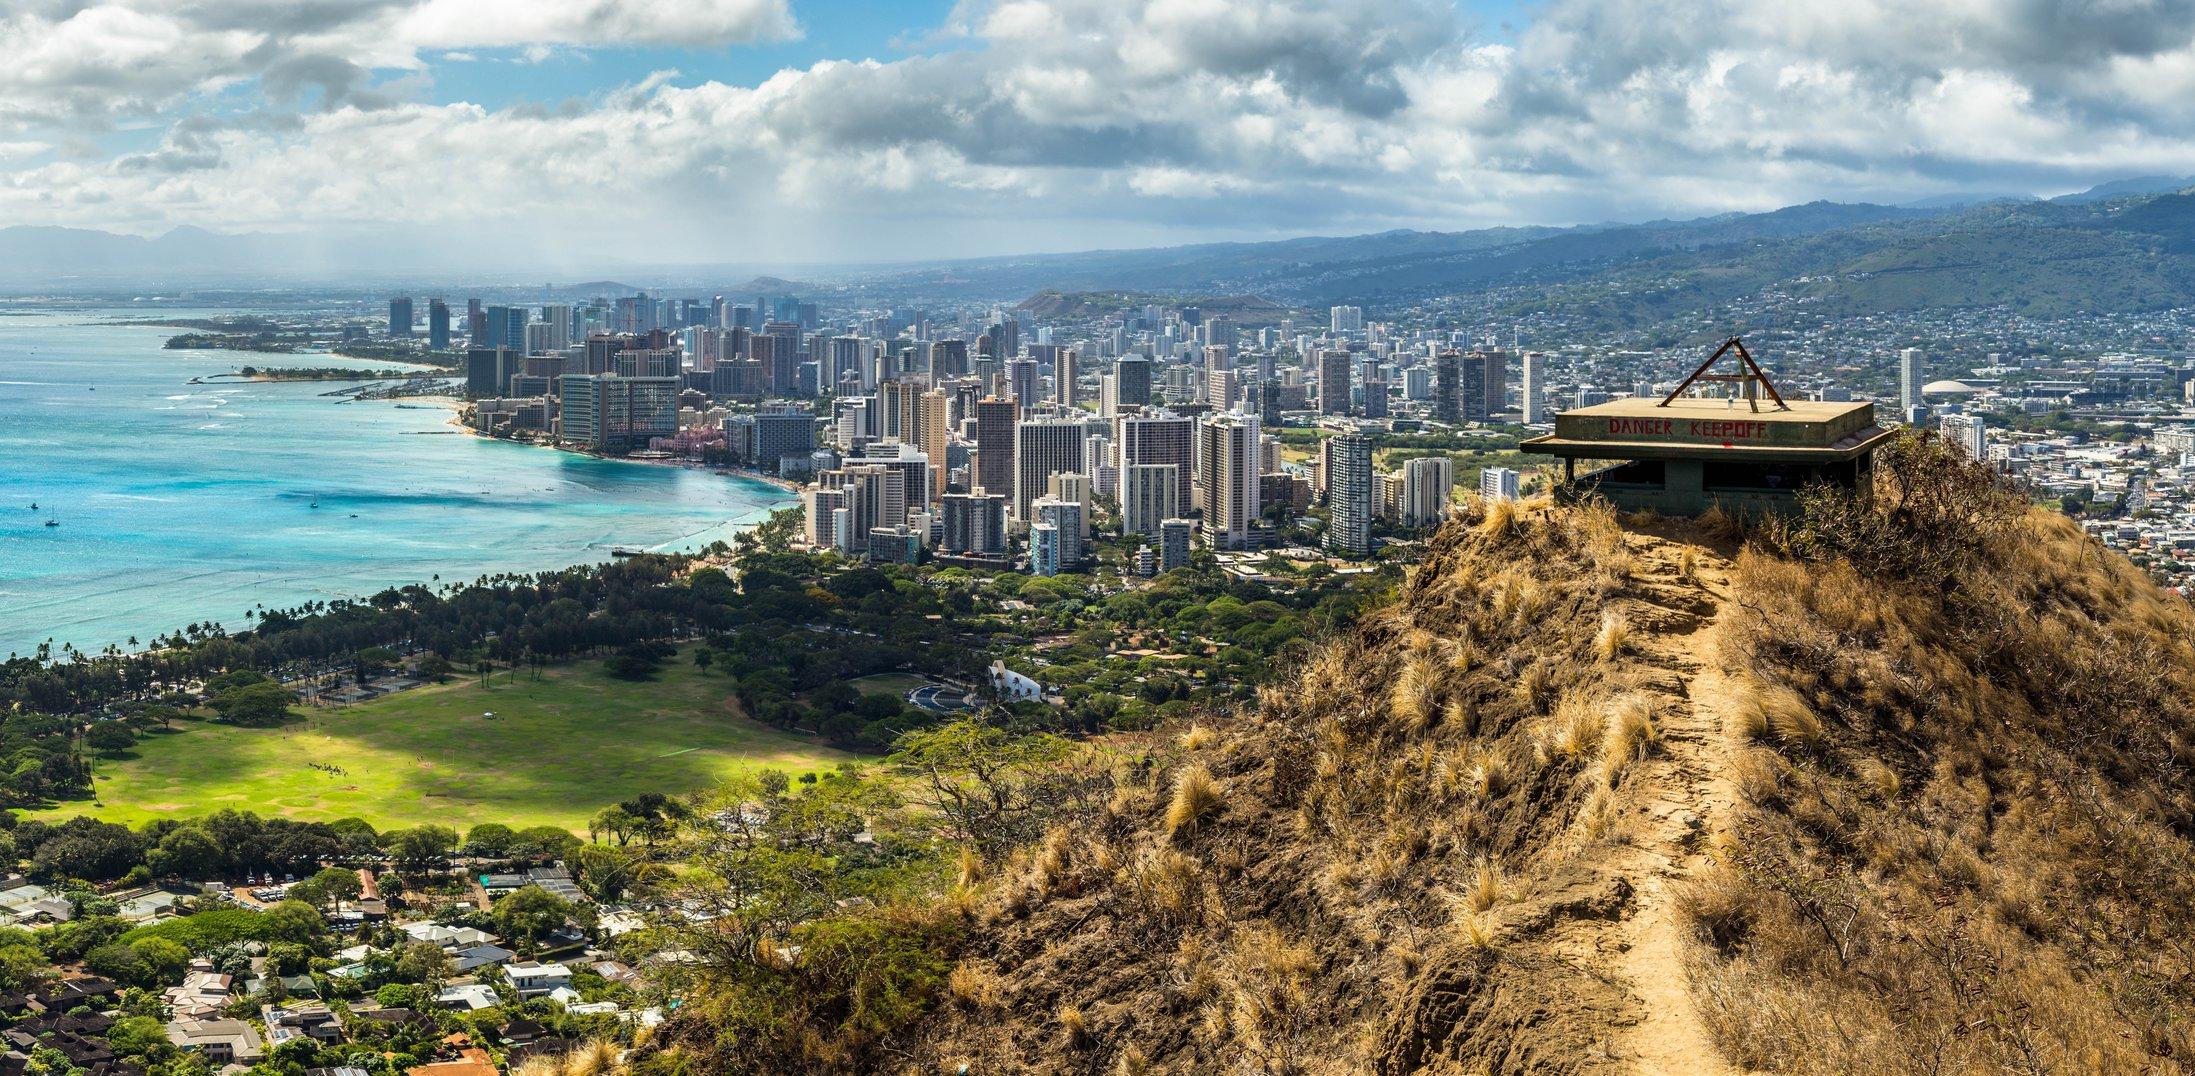 Diamond Head Travel Guide Shaka Guide Audio Driving Tours Oahu Hawaii Aloha